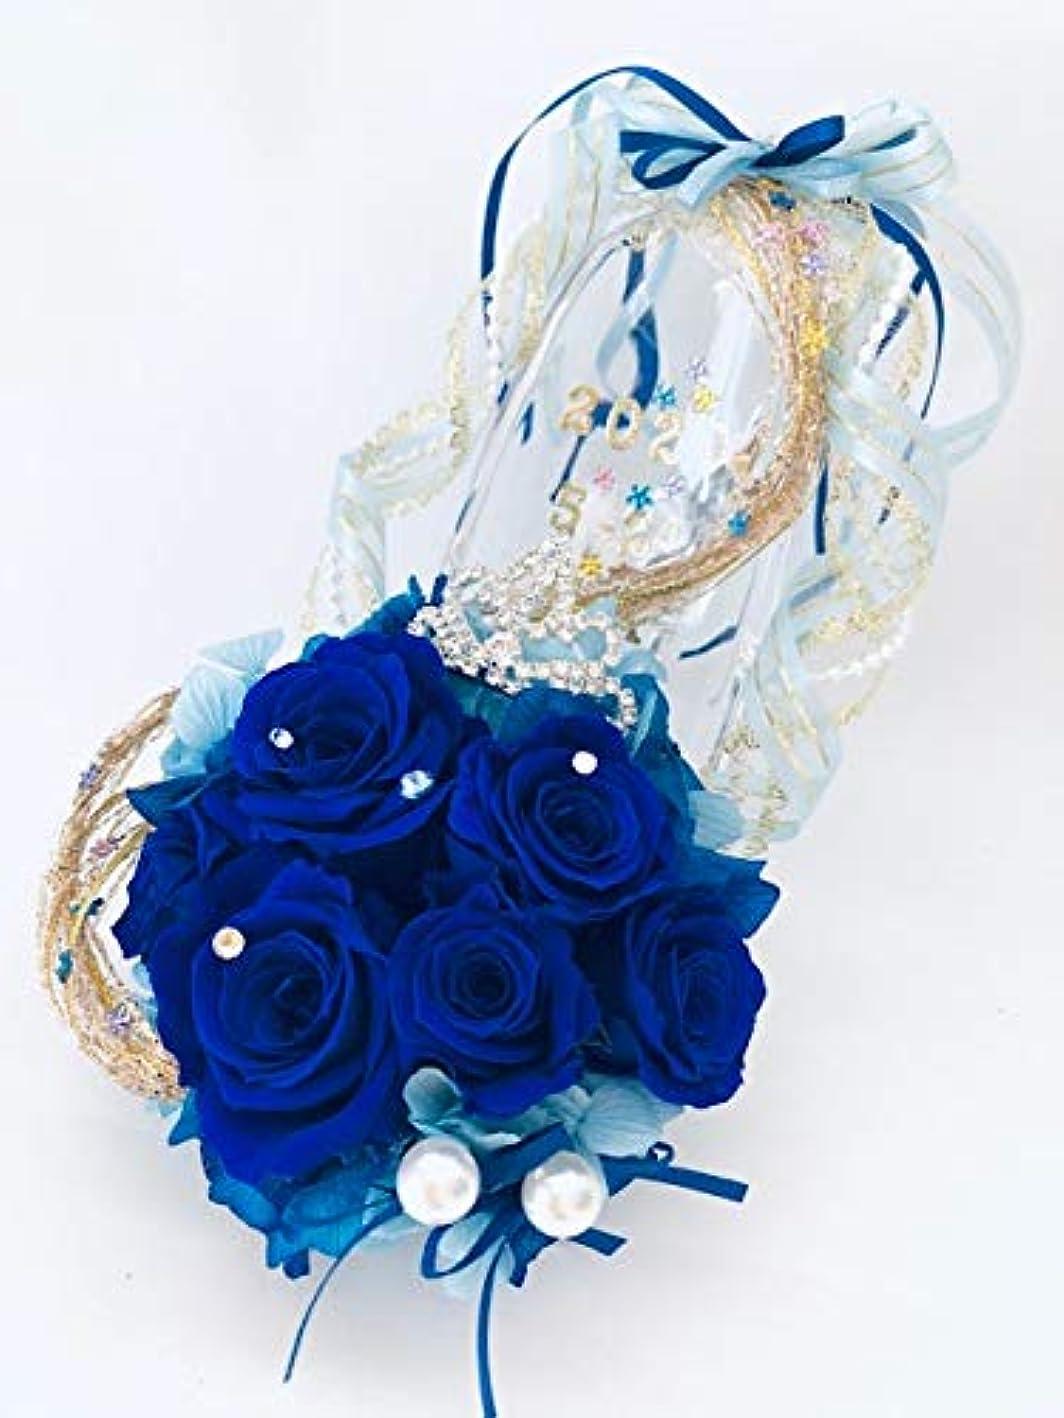 腰ペンダント第九【プリザーブドフラワー/青い薔薇のプリンセスのティアラのガラスの靴/リングピロー使用もOK】【リボンラッピング付き】